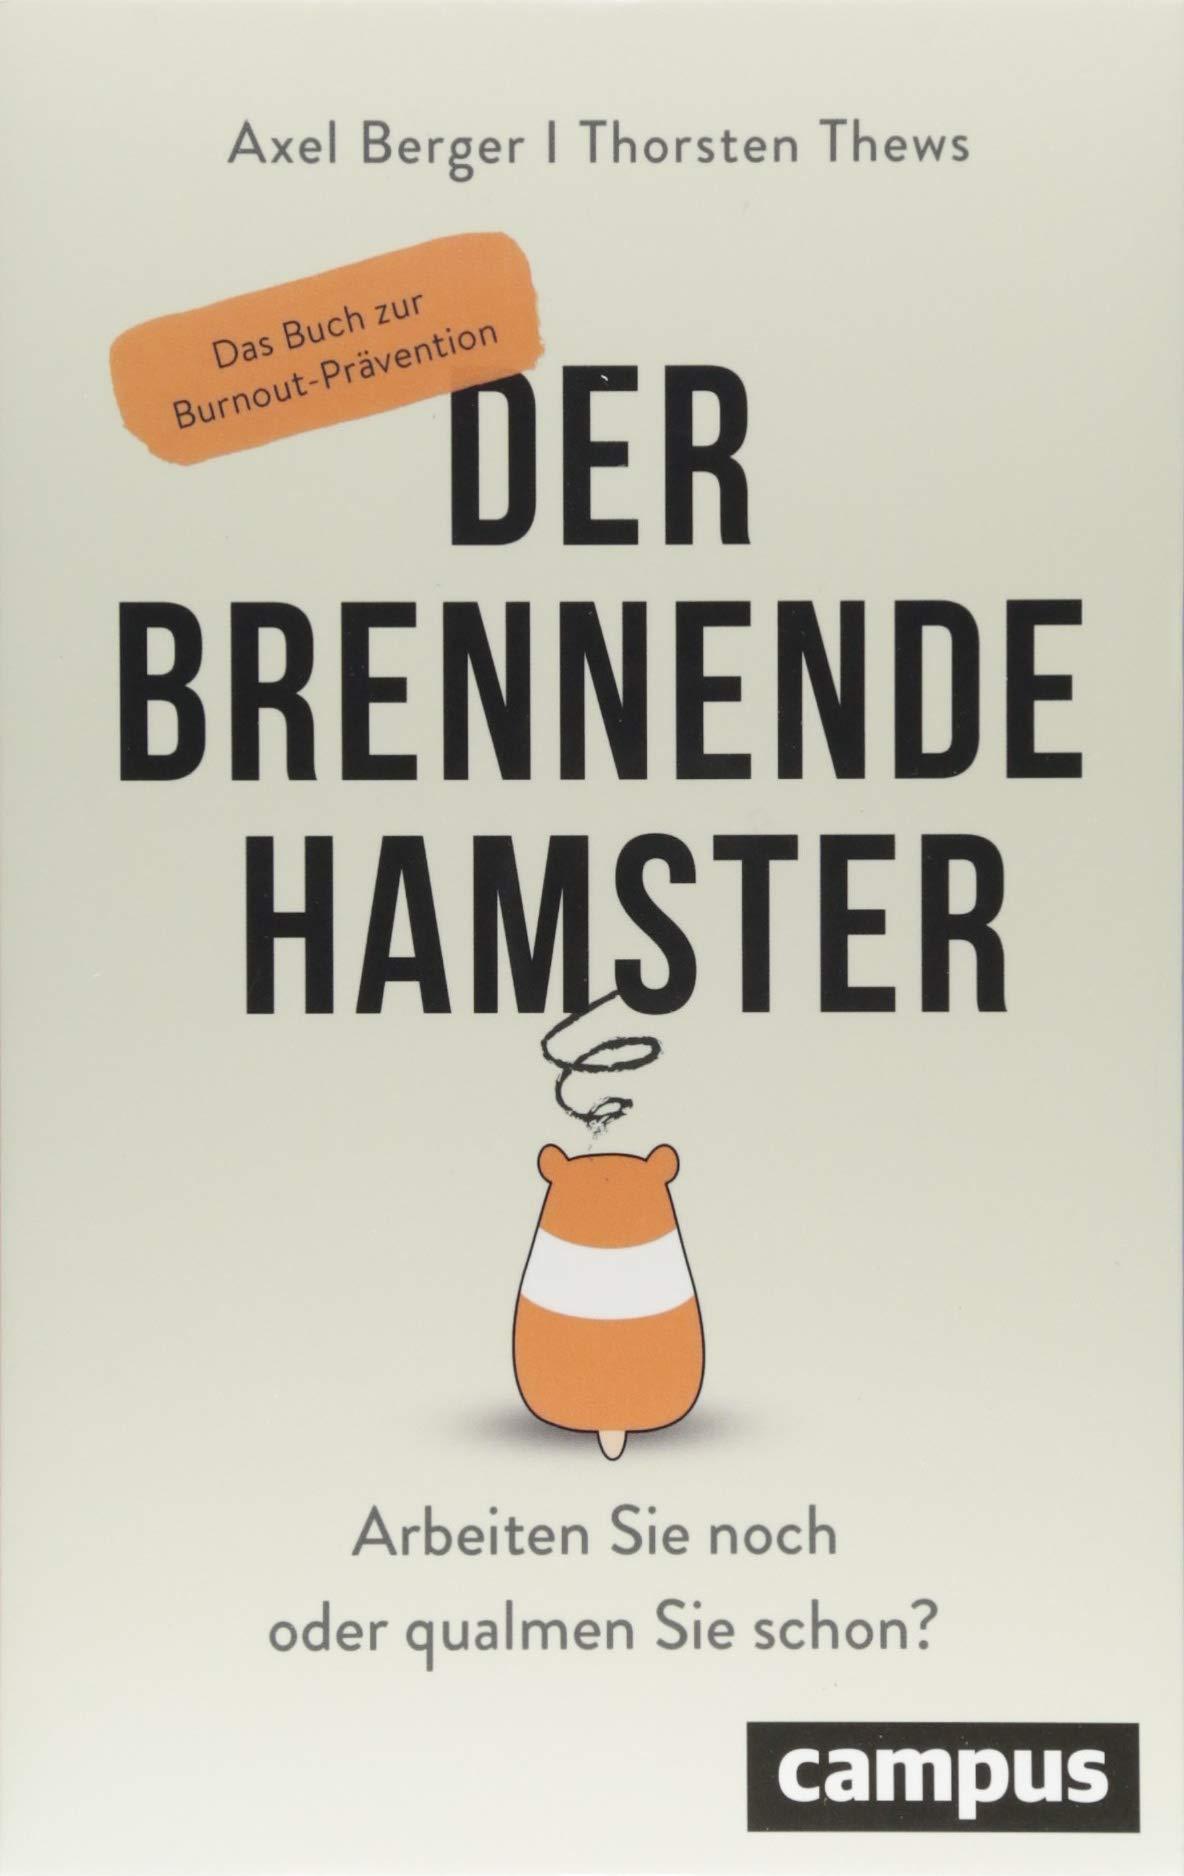 Axel Berger: Der brennende Hamster Taschenbuch – 16. August 2018 Thorsten Thews Campus Verlag 3593509237 Beruf / Karriere